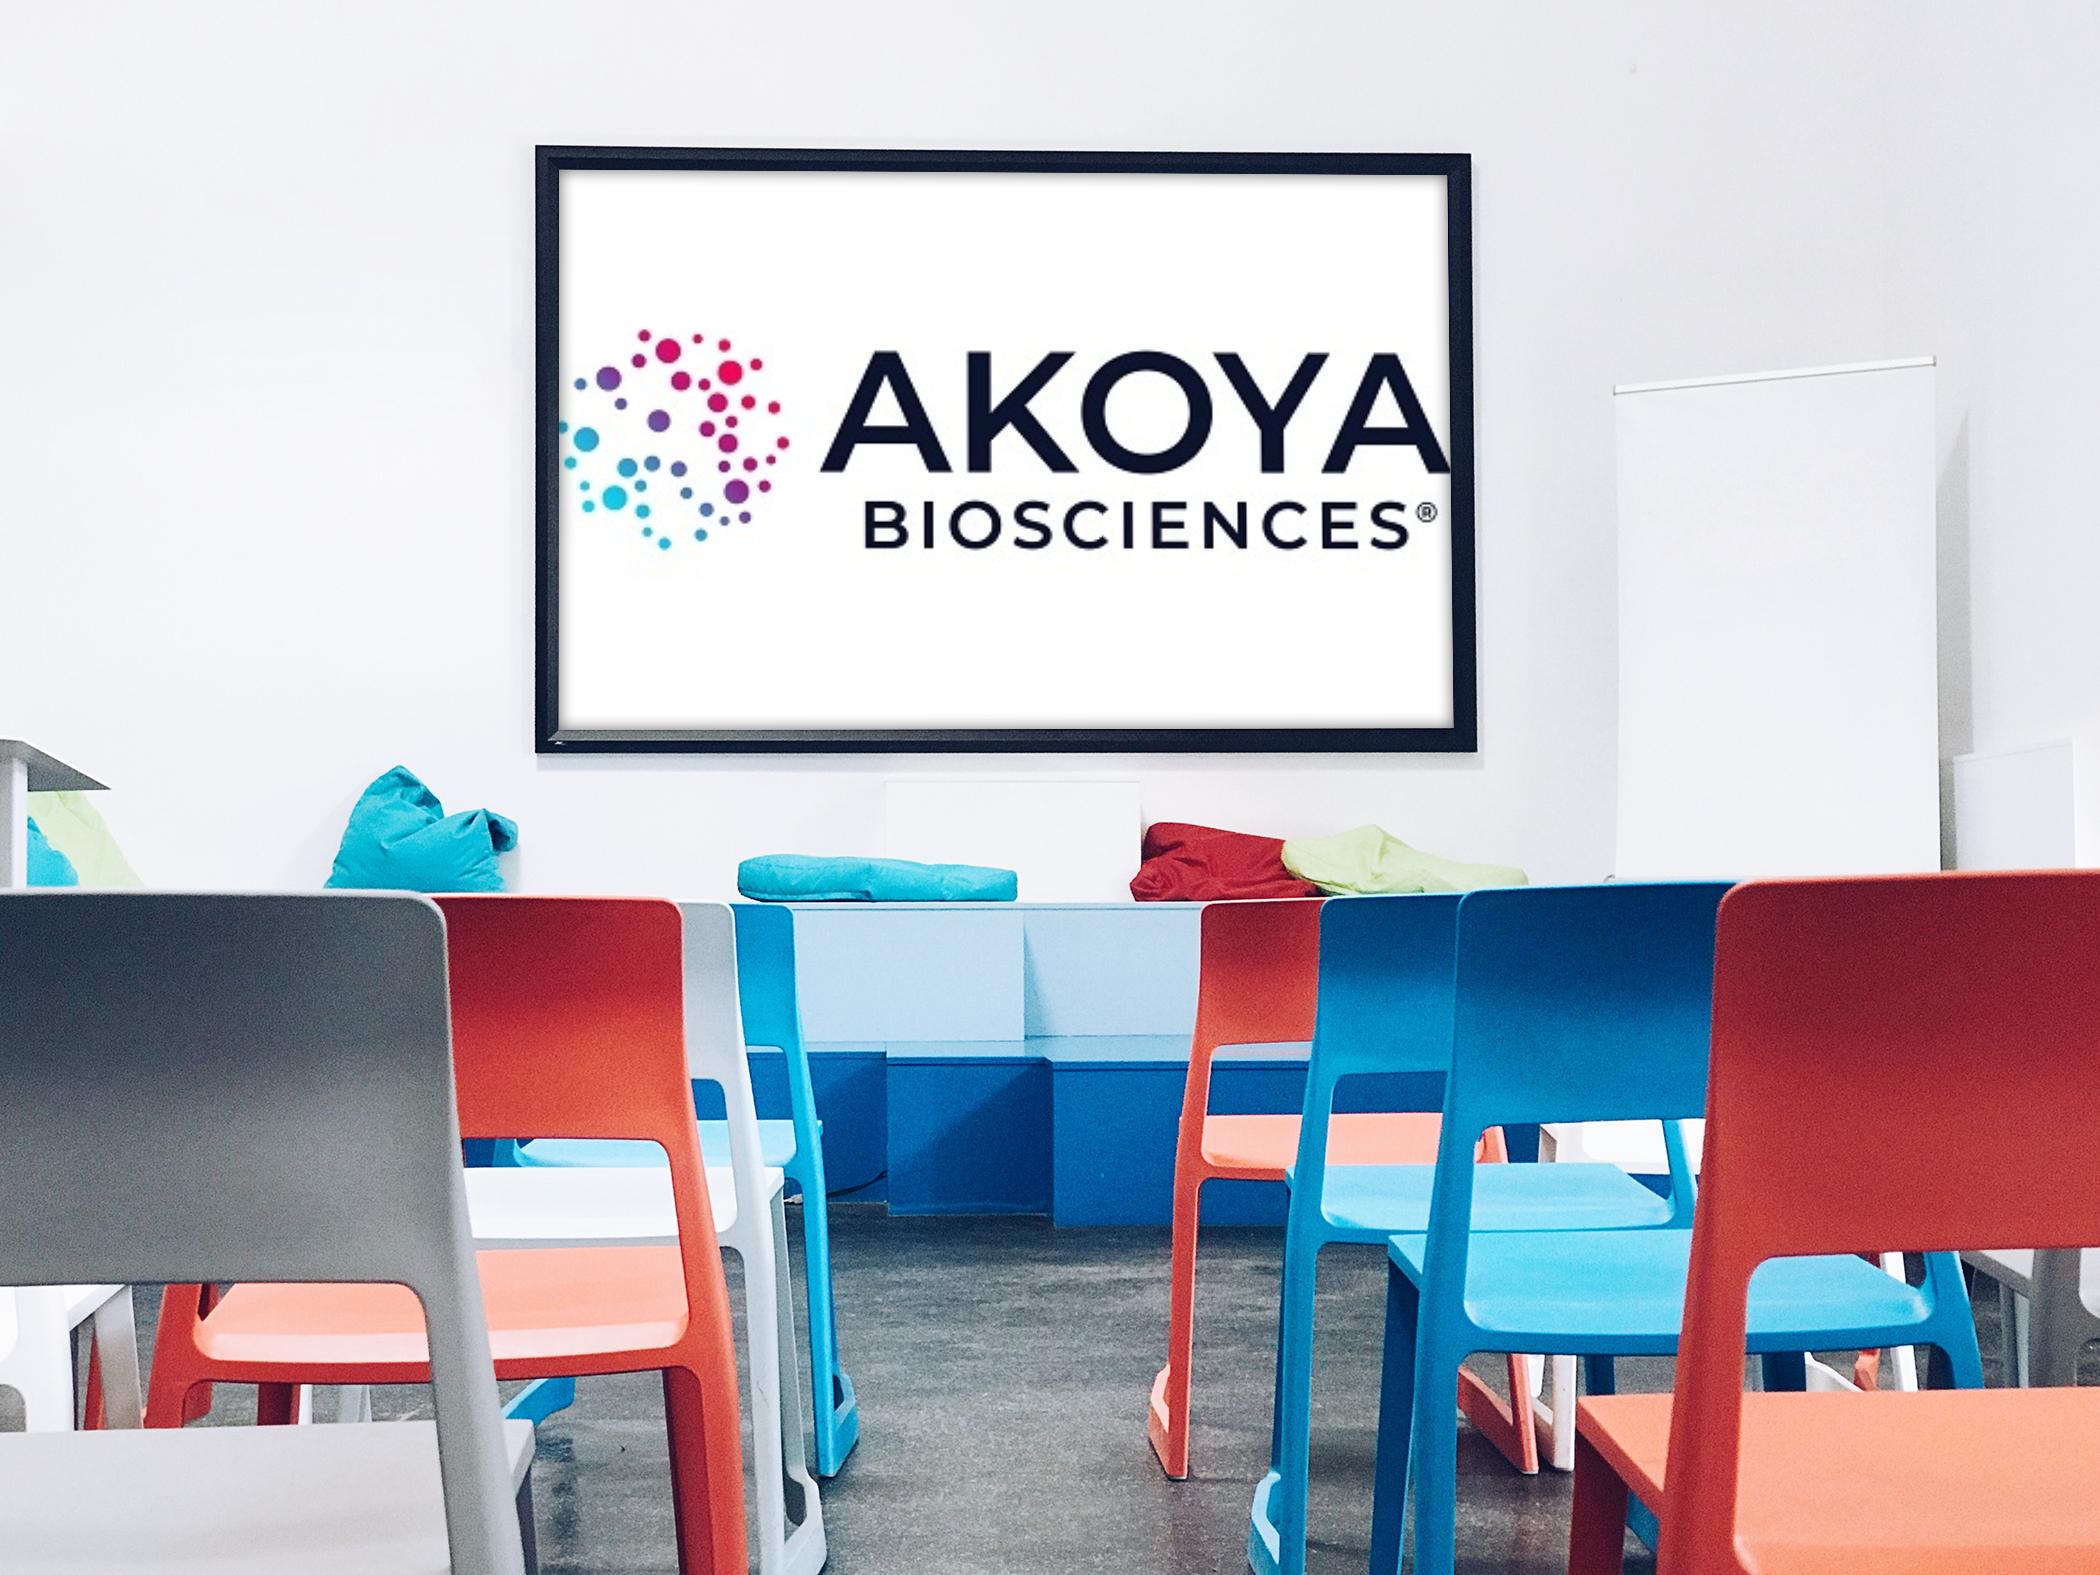 Akoya IPO